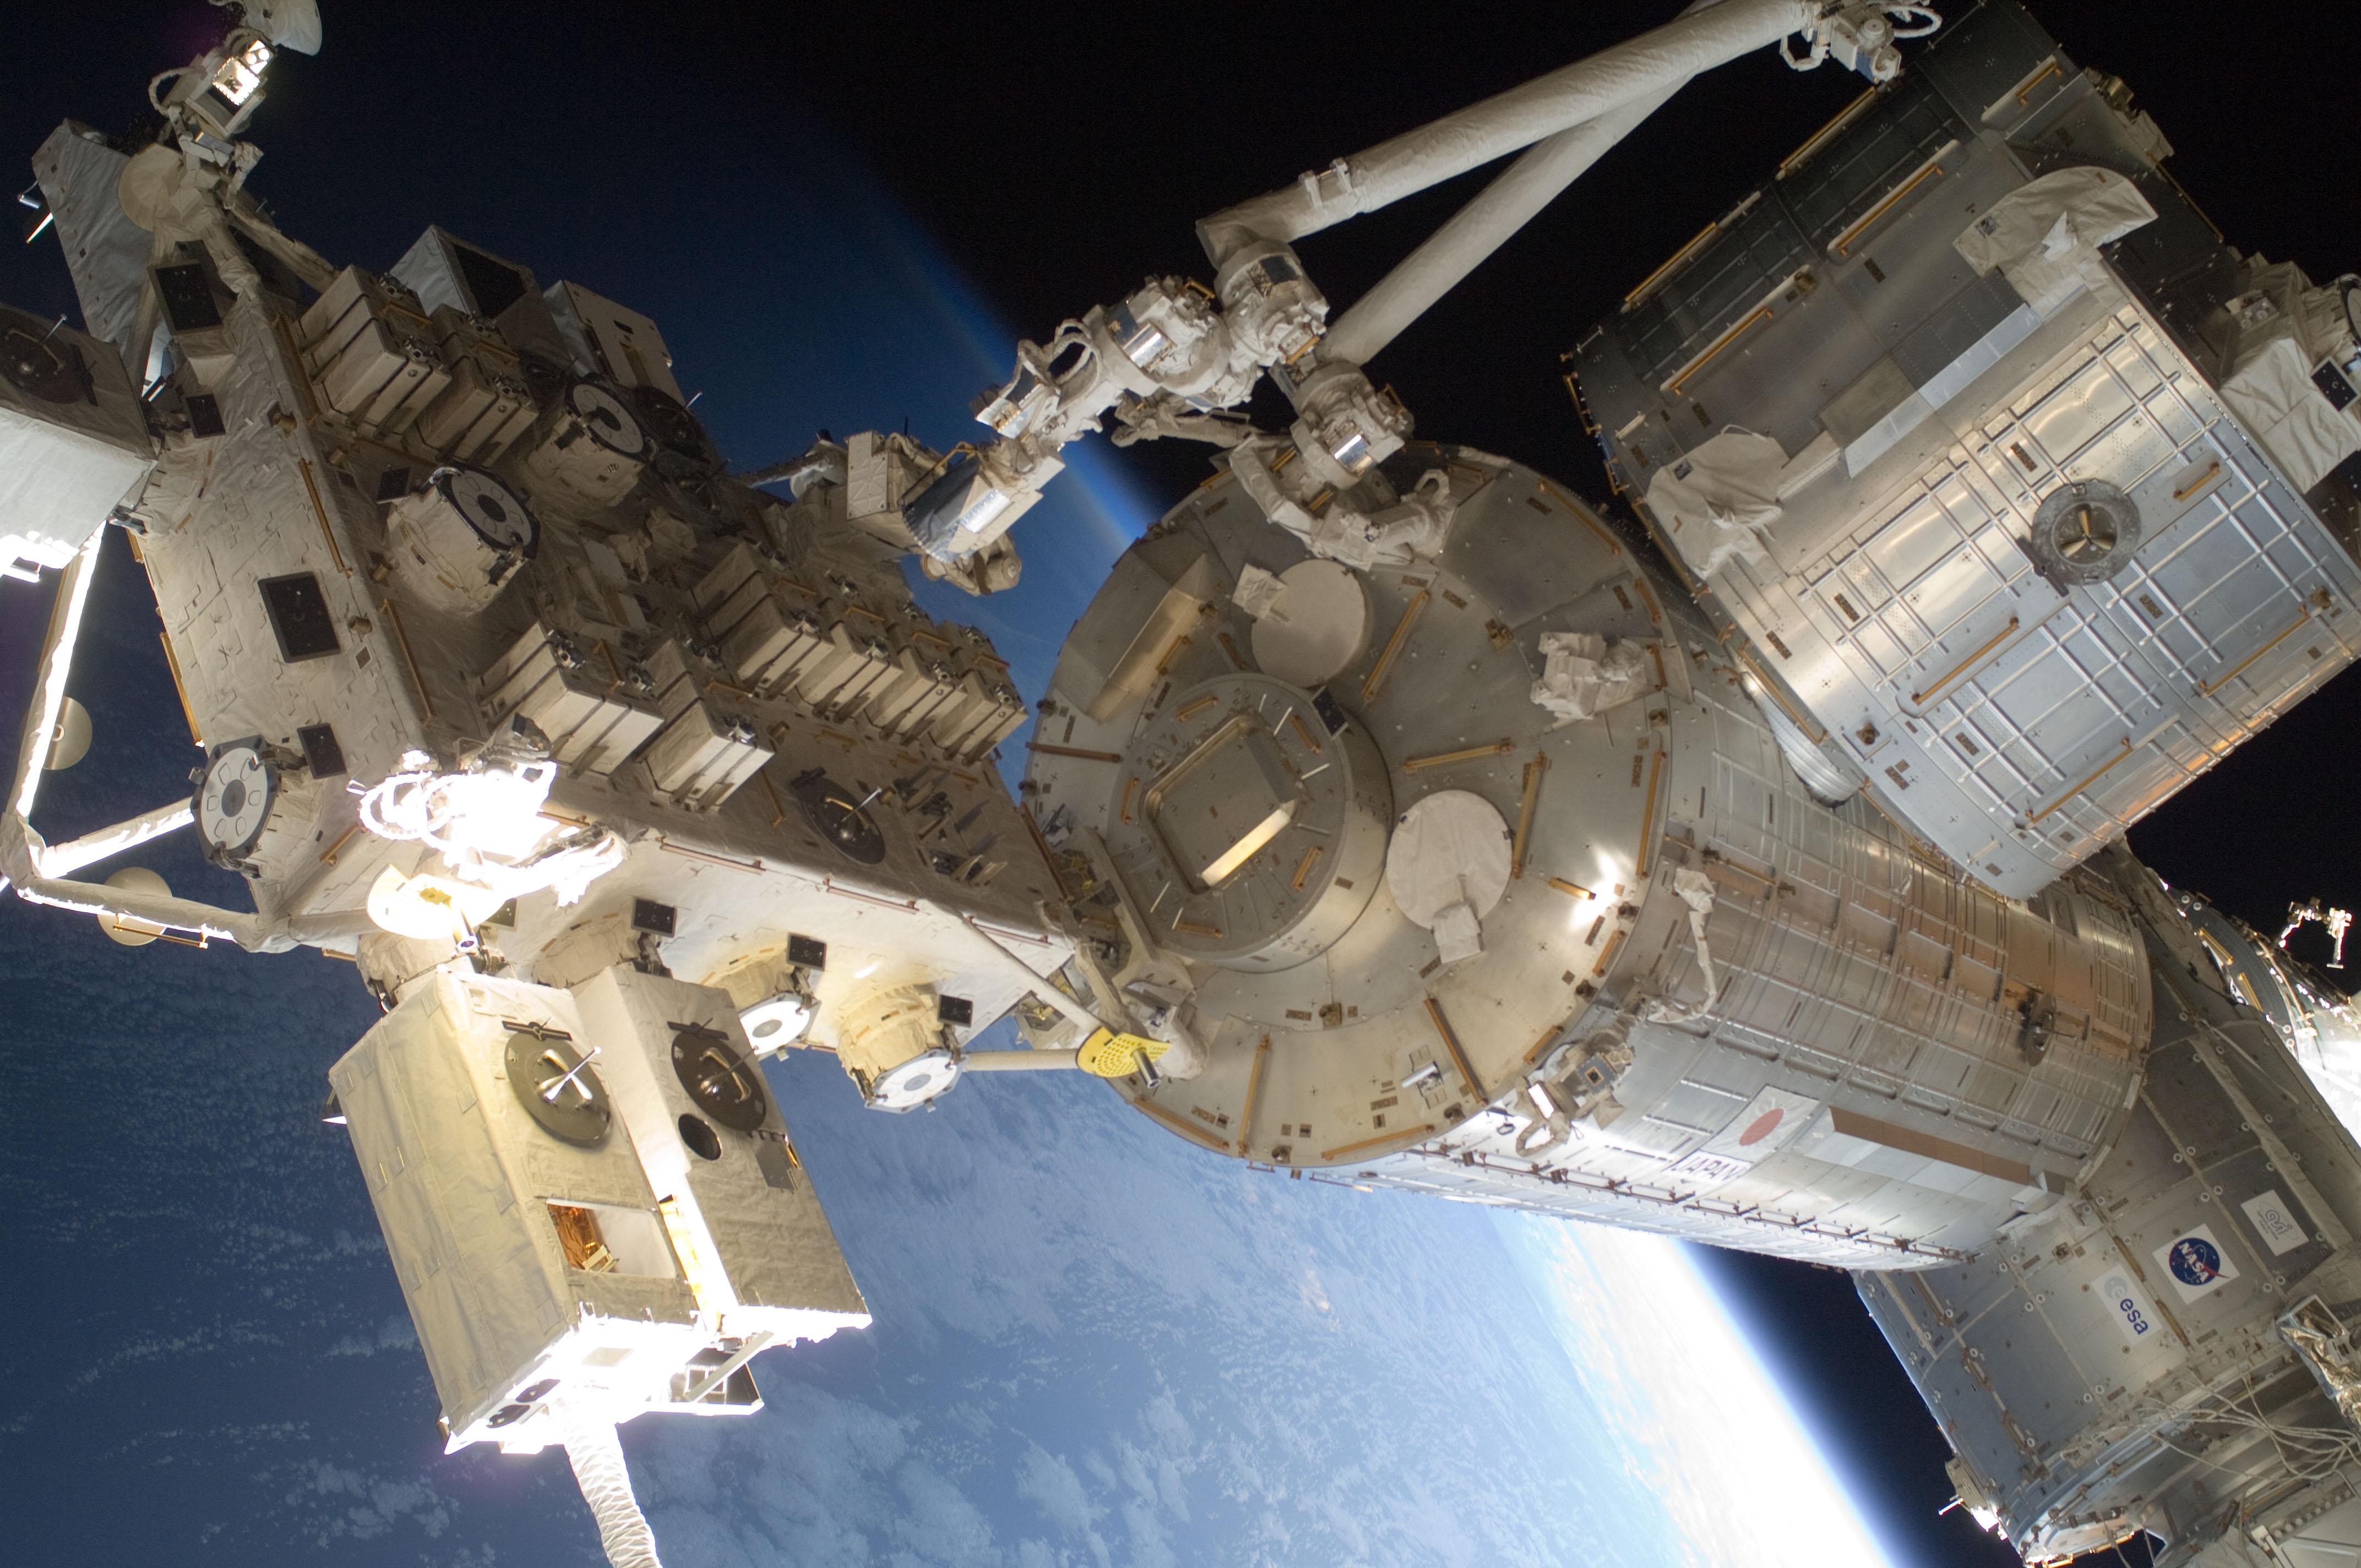 NASA và JAXA Tập trung khai thác tối đa ứng dụng khoa học từ Trạm vũ trụ